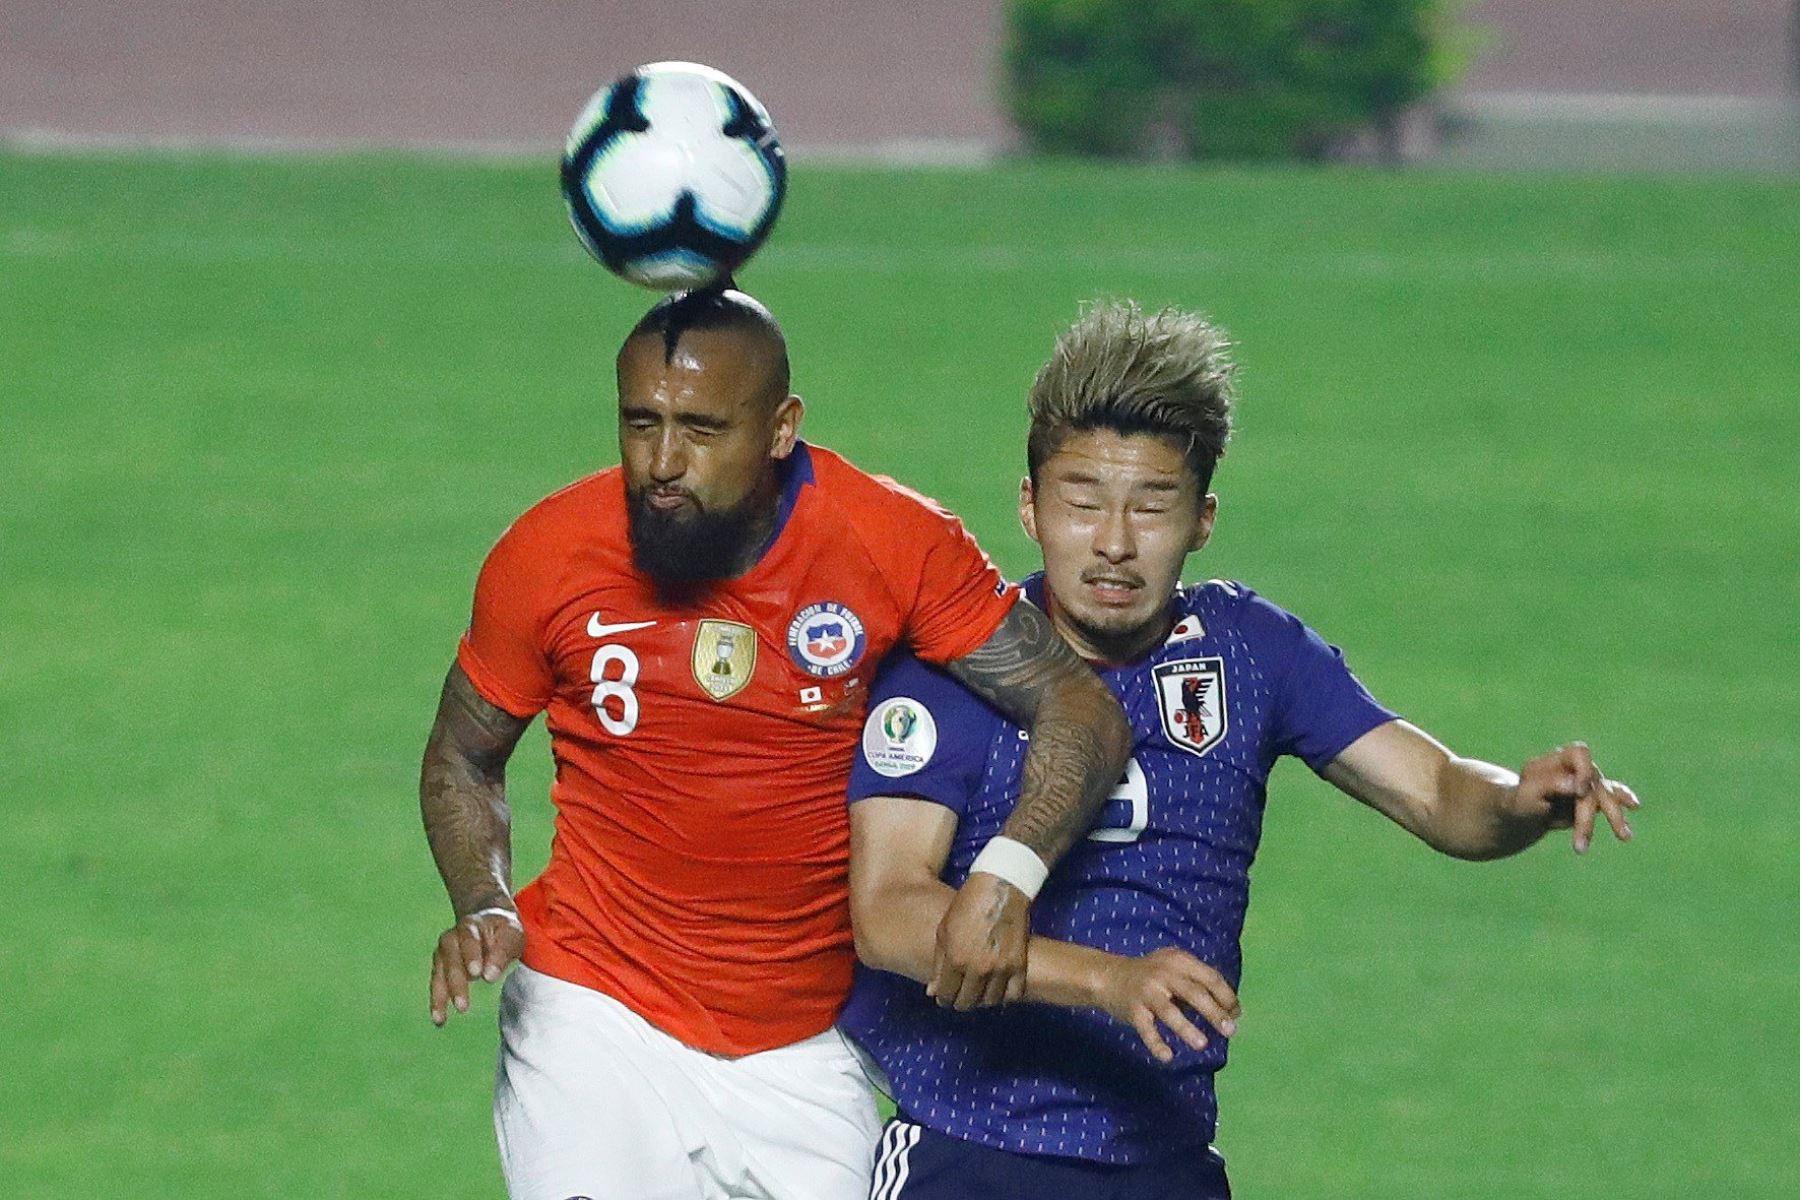 Daizen Maeda de Japón pelea un balón con Arturo Vidal de Chile durante el partido Japón-Chile del Grupo C de la Copa América de Fútbol 2019. Foto: EFE